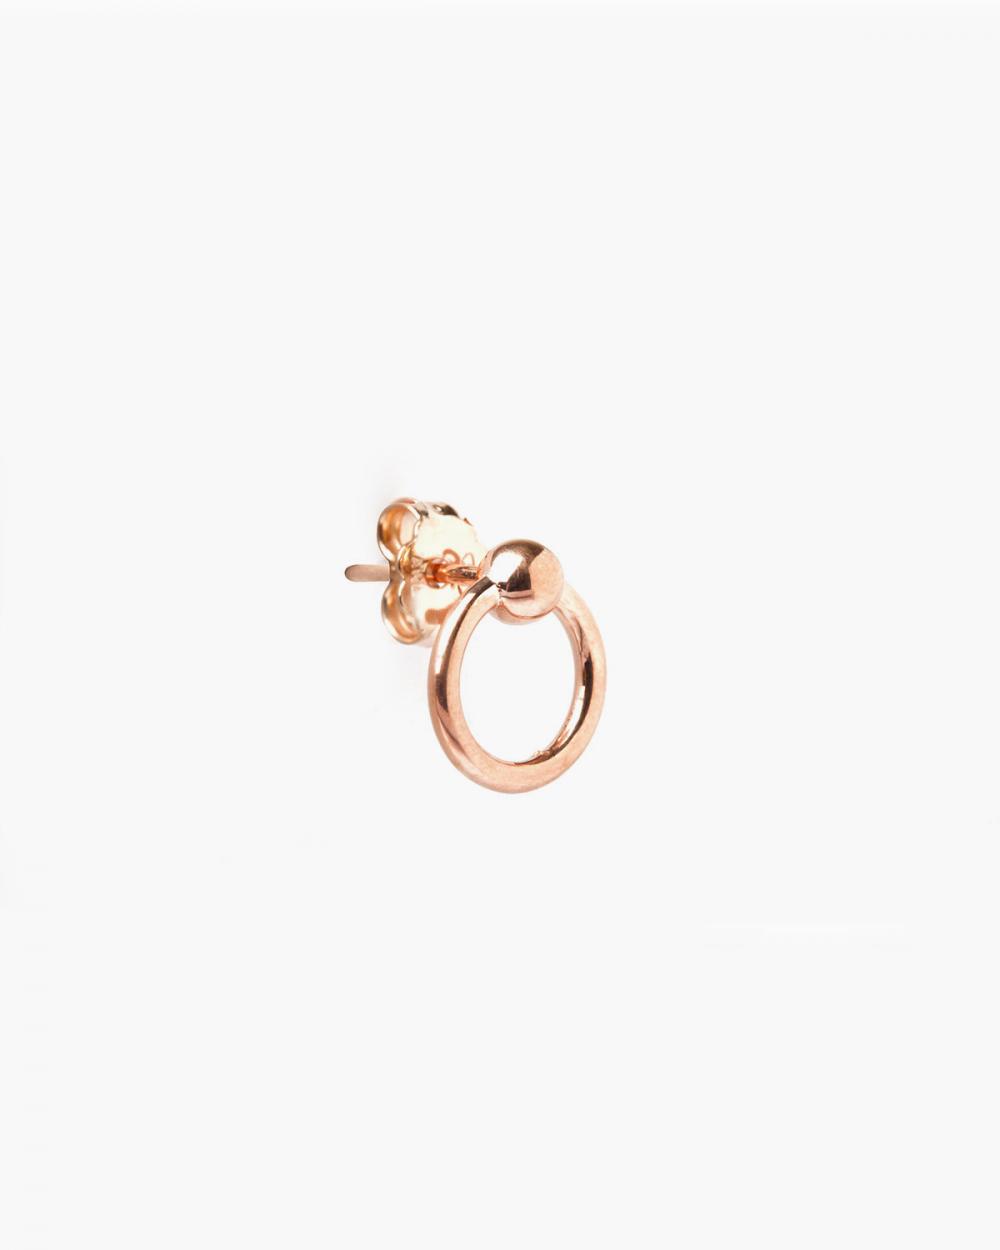 Earrings ROSE GOLD PIERCING SMALL LOBE SINGLE EARRING NOVE25